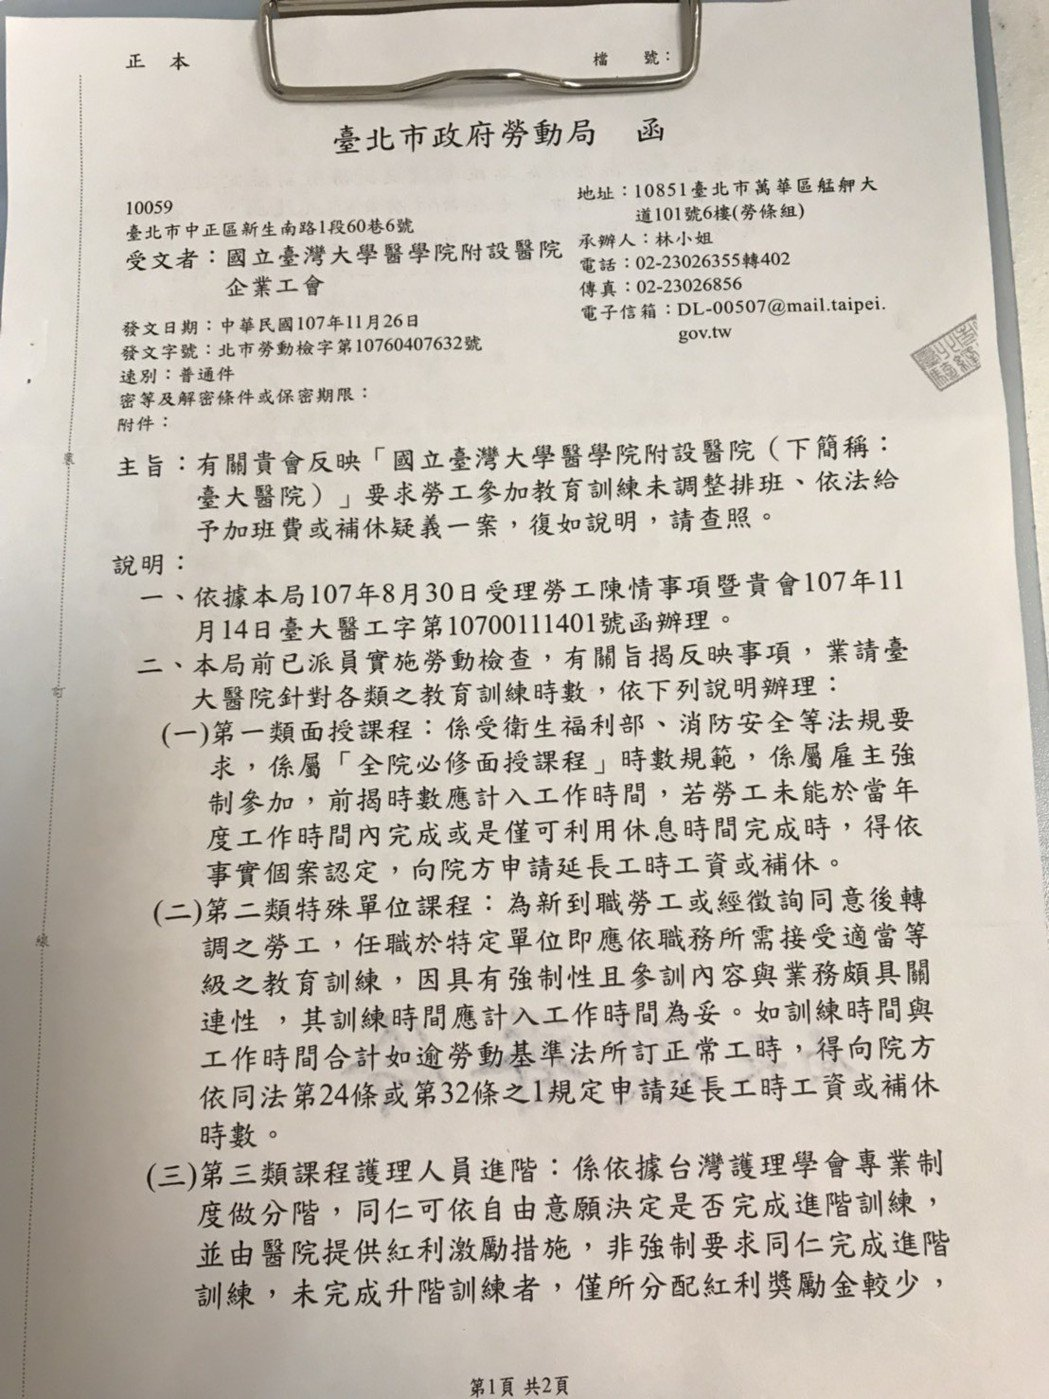 台北市醫師職業工會秘書廖郁雯指出,台大醫院企業工會8月向北市勞動局提出勞動檢查與...